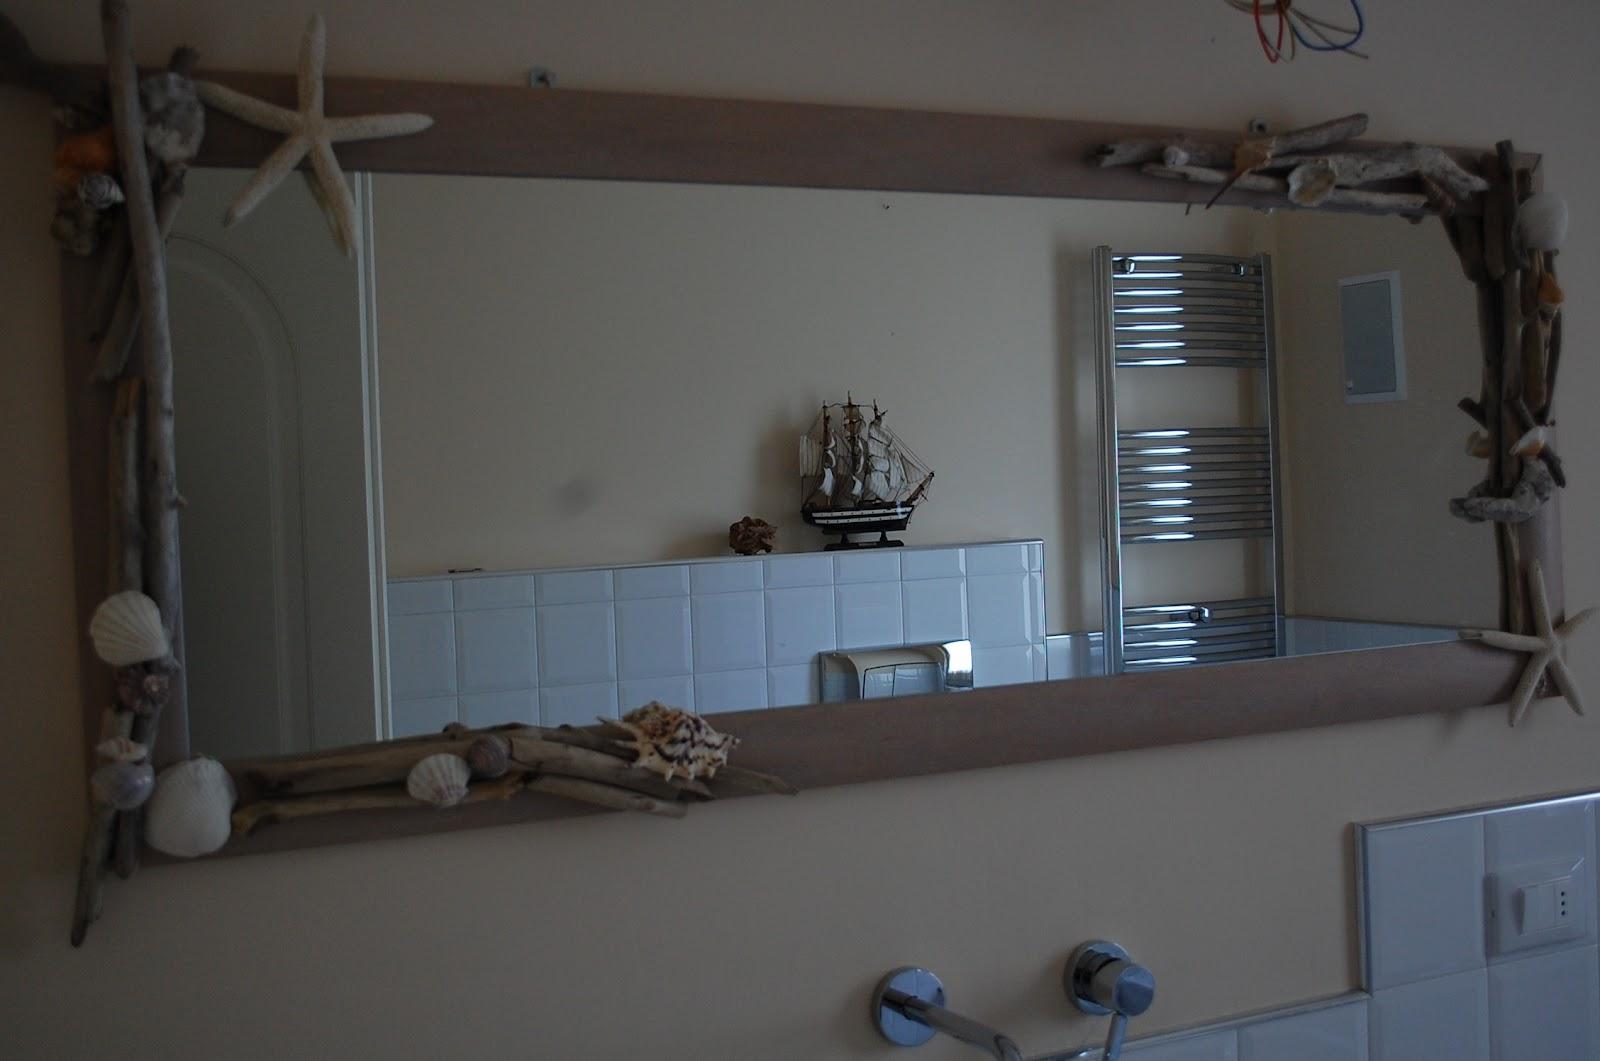 Cuore coccole by francy specchio shabby chic marino - Specchi in stile ...